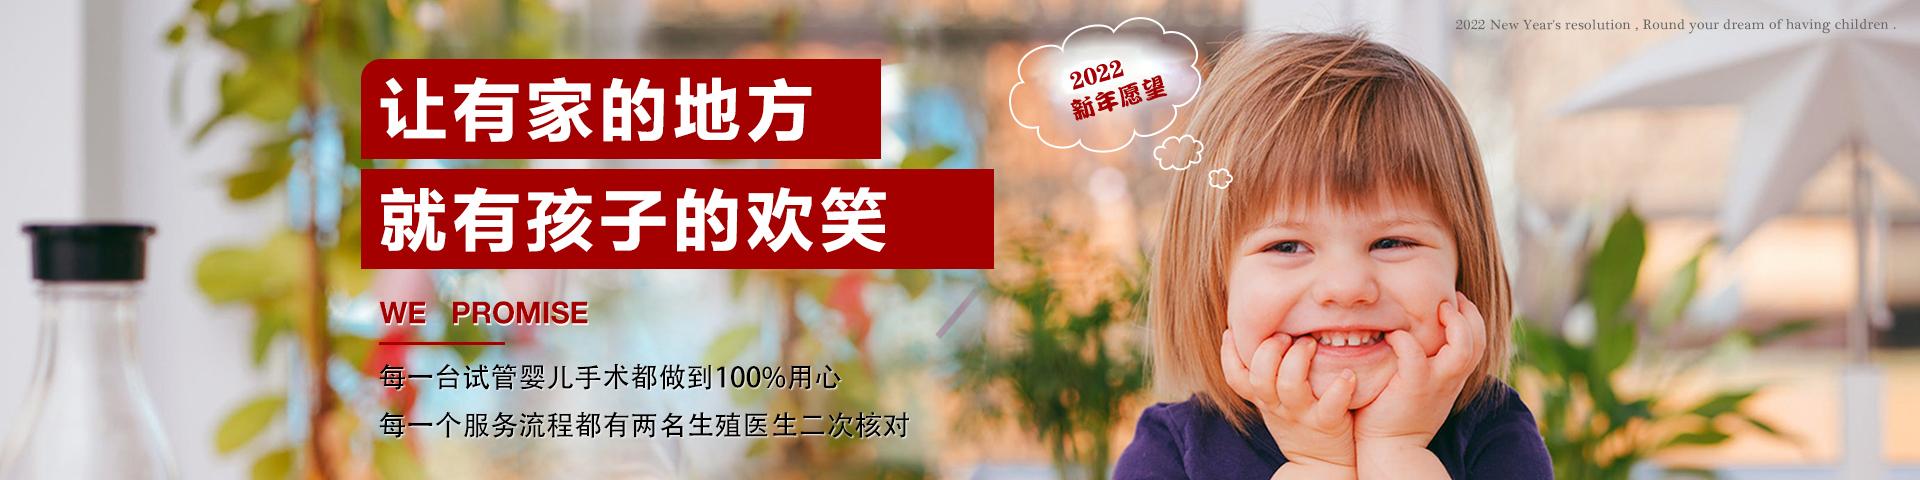 上海试管婴儿